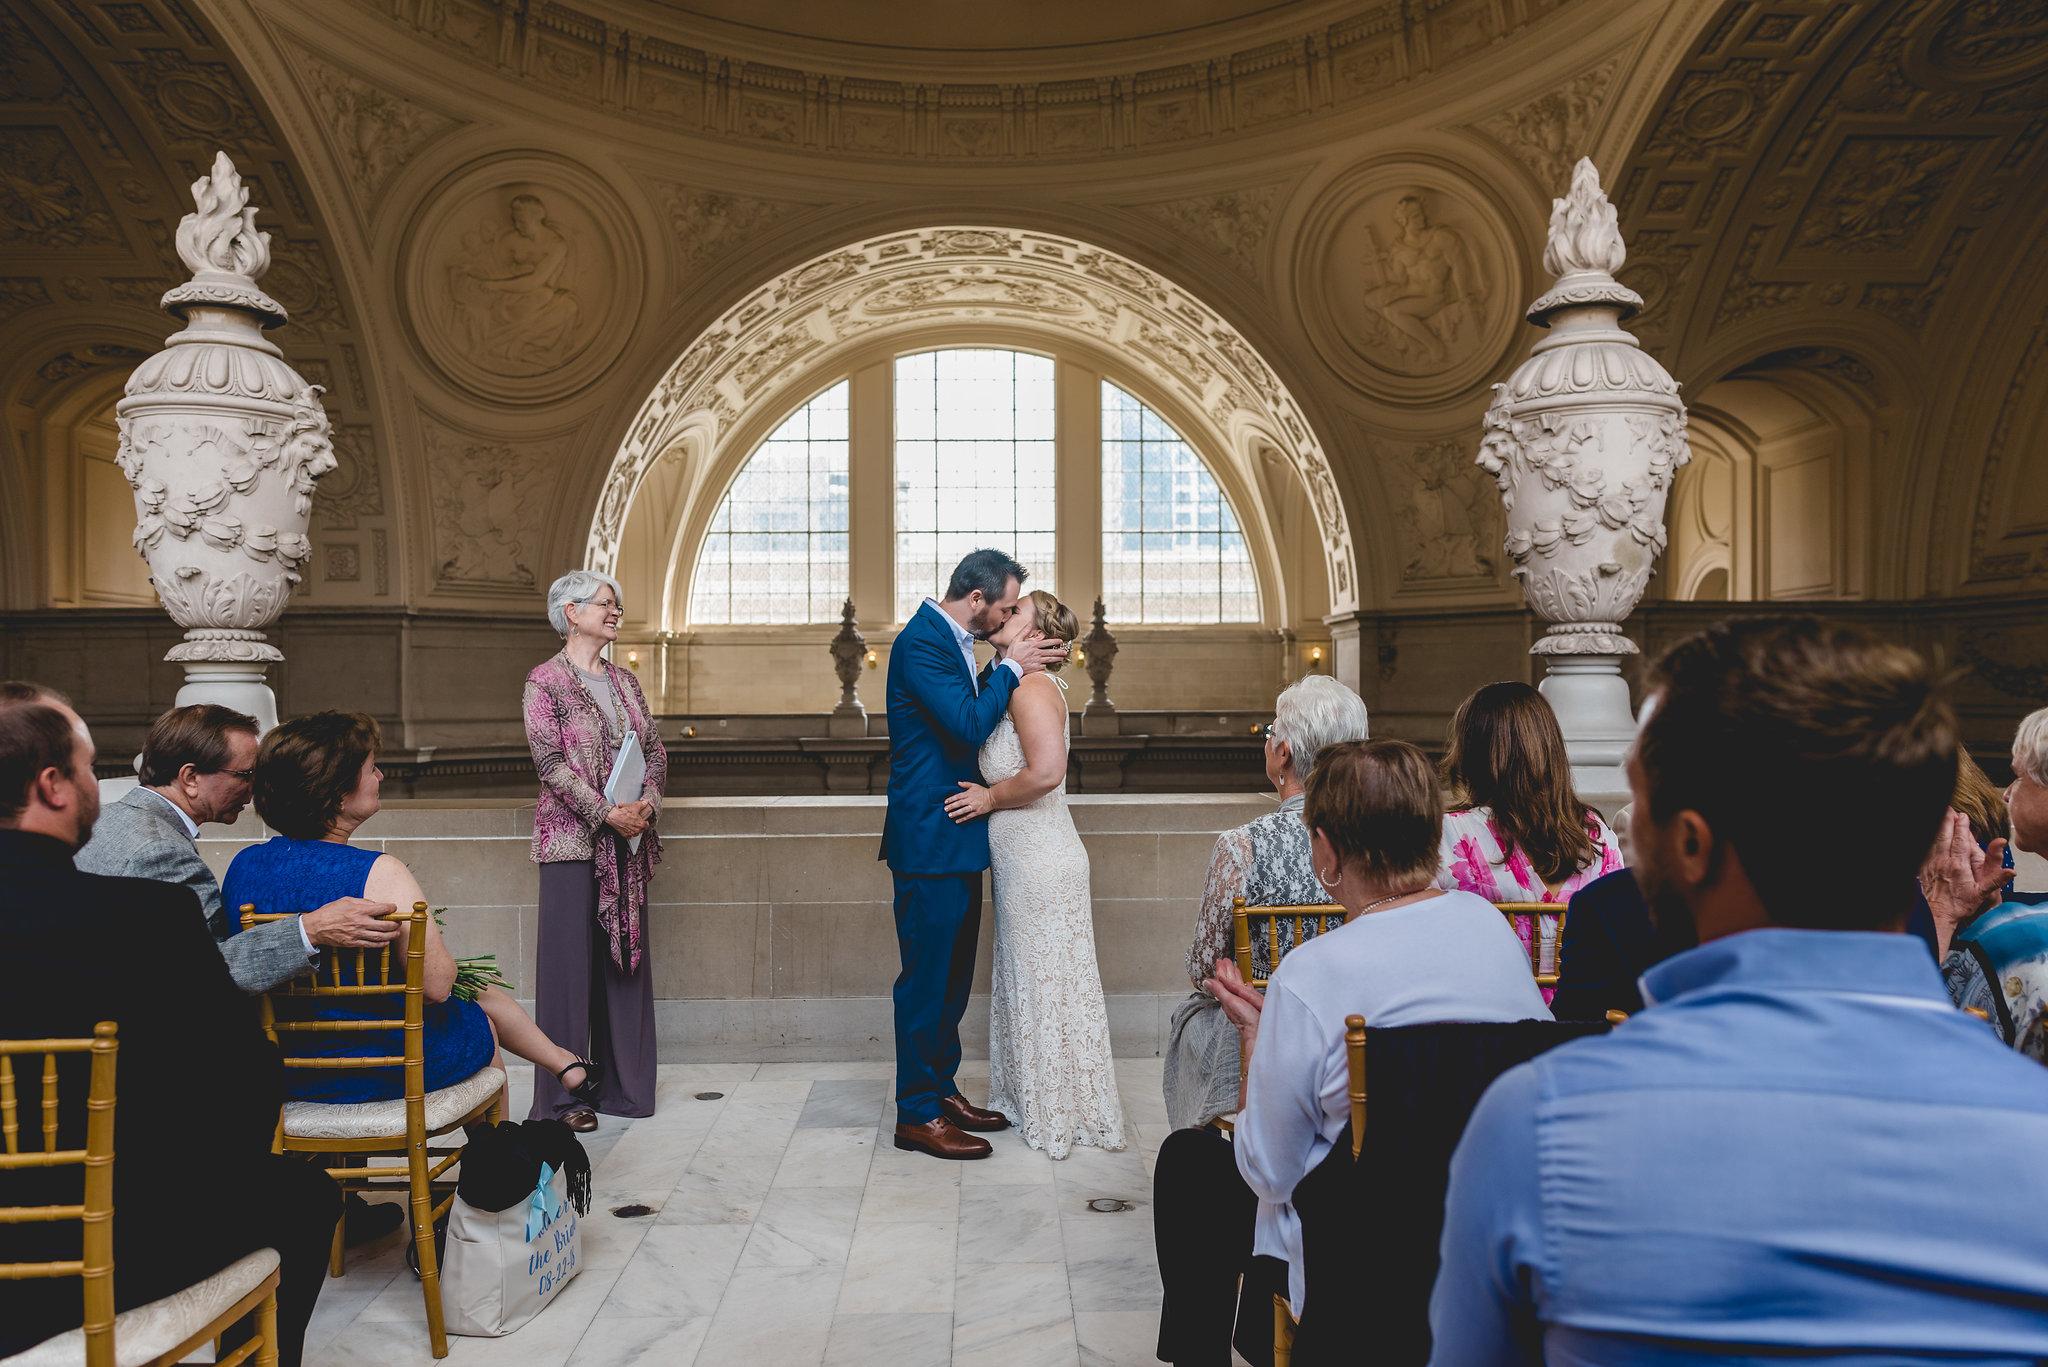 mcdaniels_conroy-wedding-ceremony-112.jpg